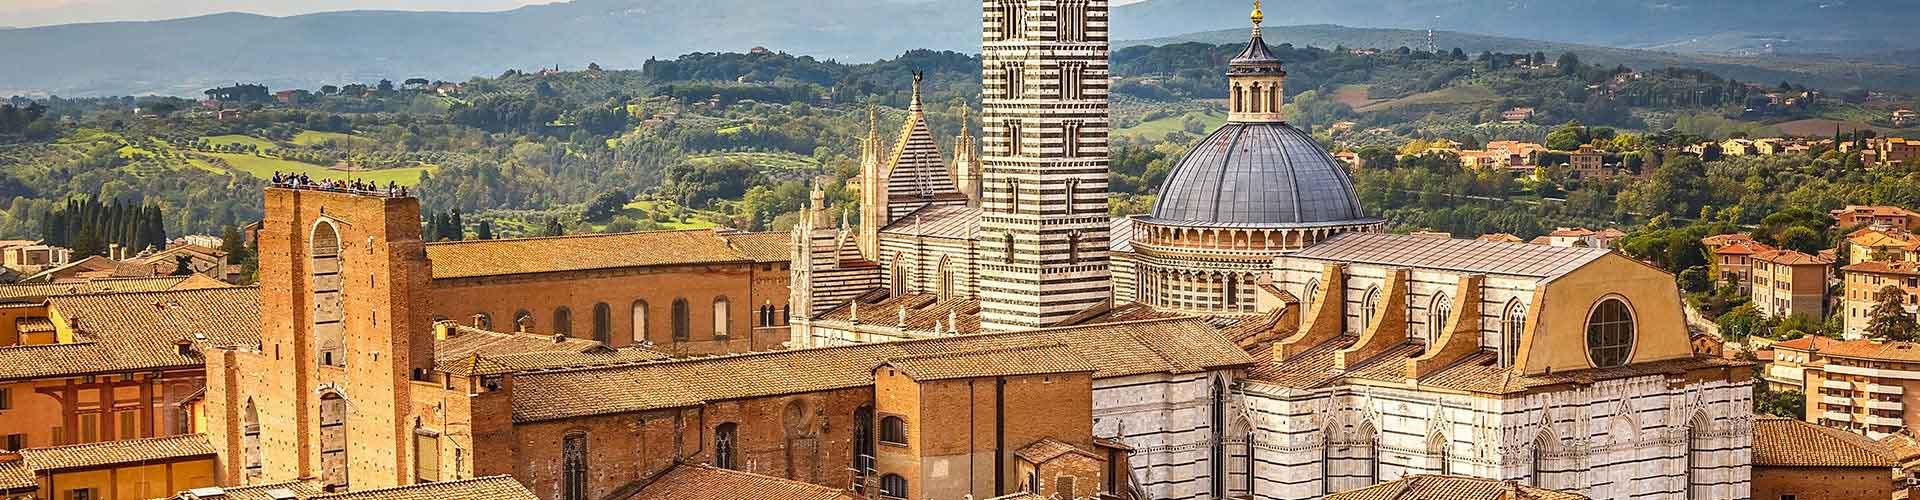 Siena - Hostales en Siena. Mapas de Siena, Fotos y comentarios de cada Hostal en Siena.